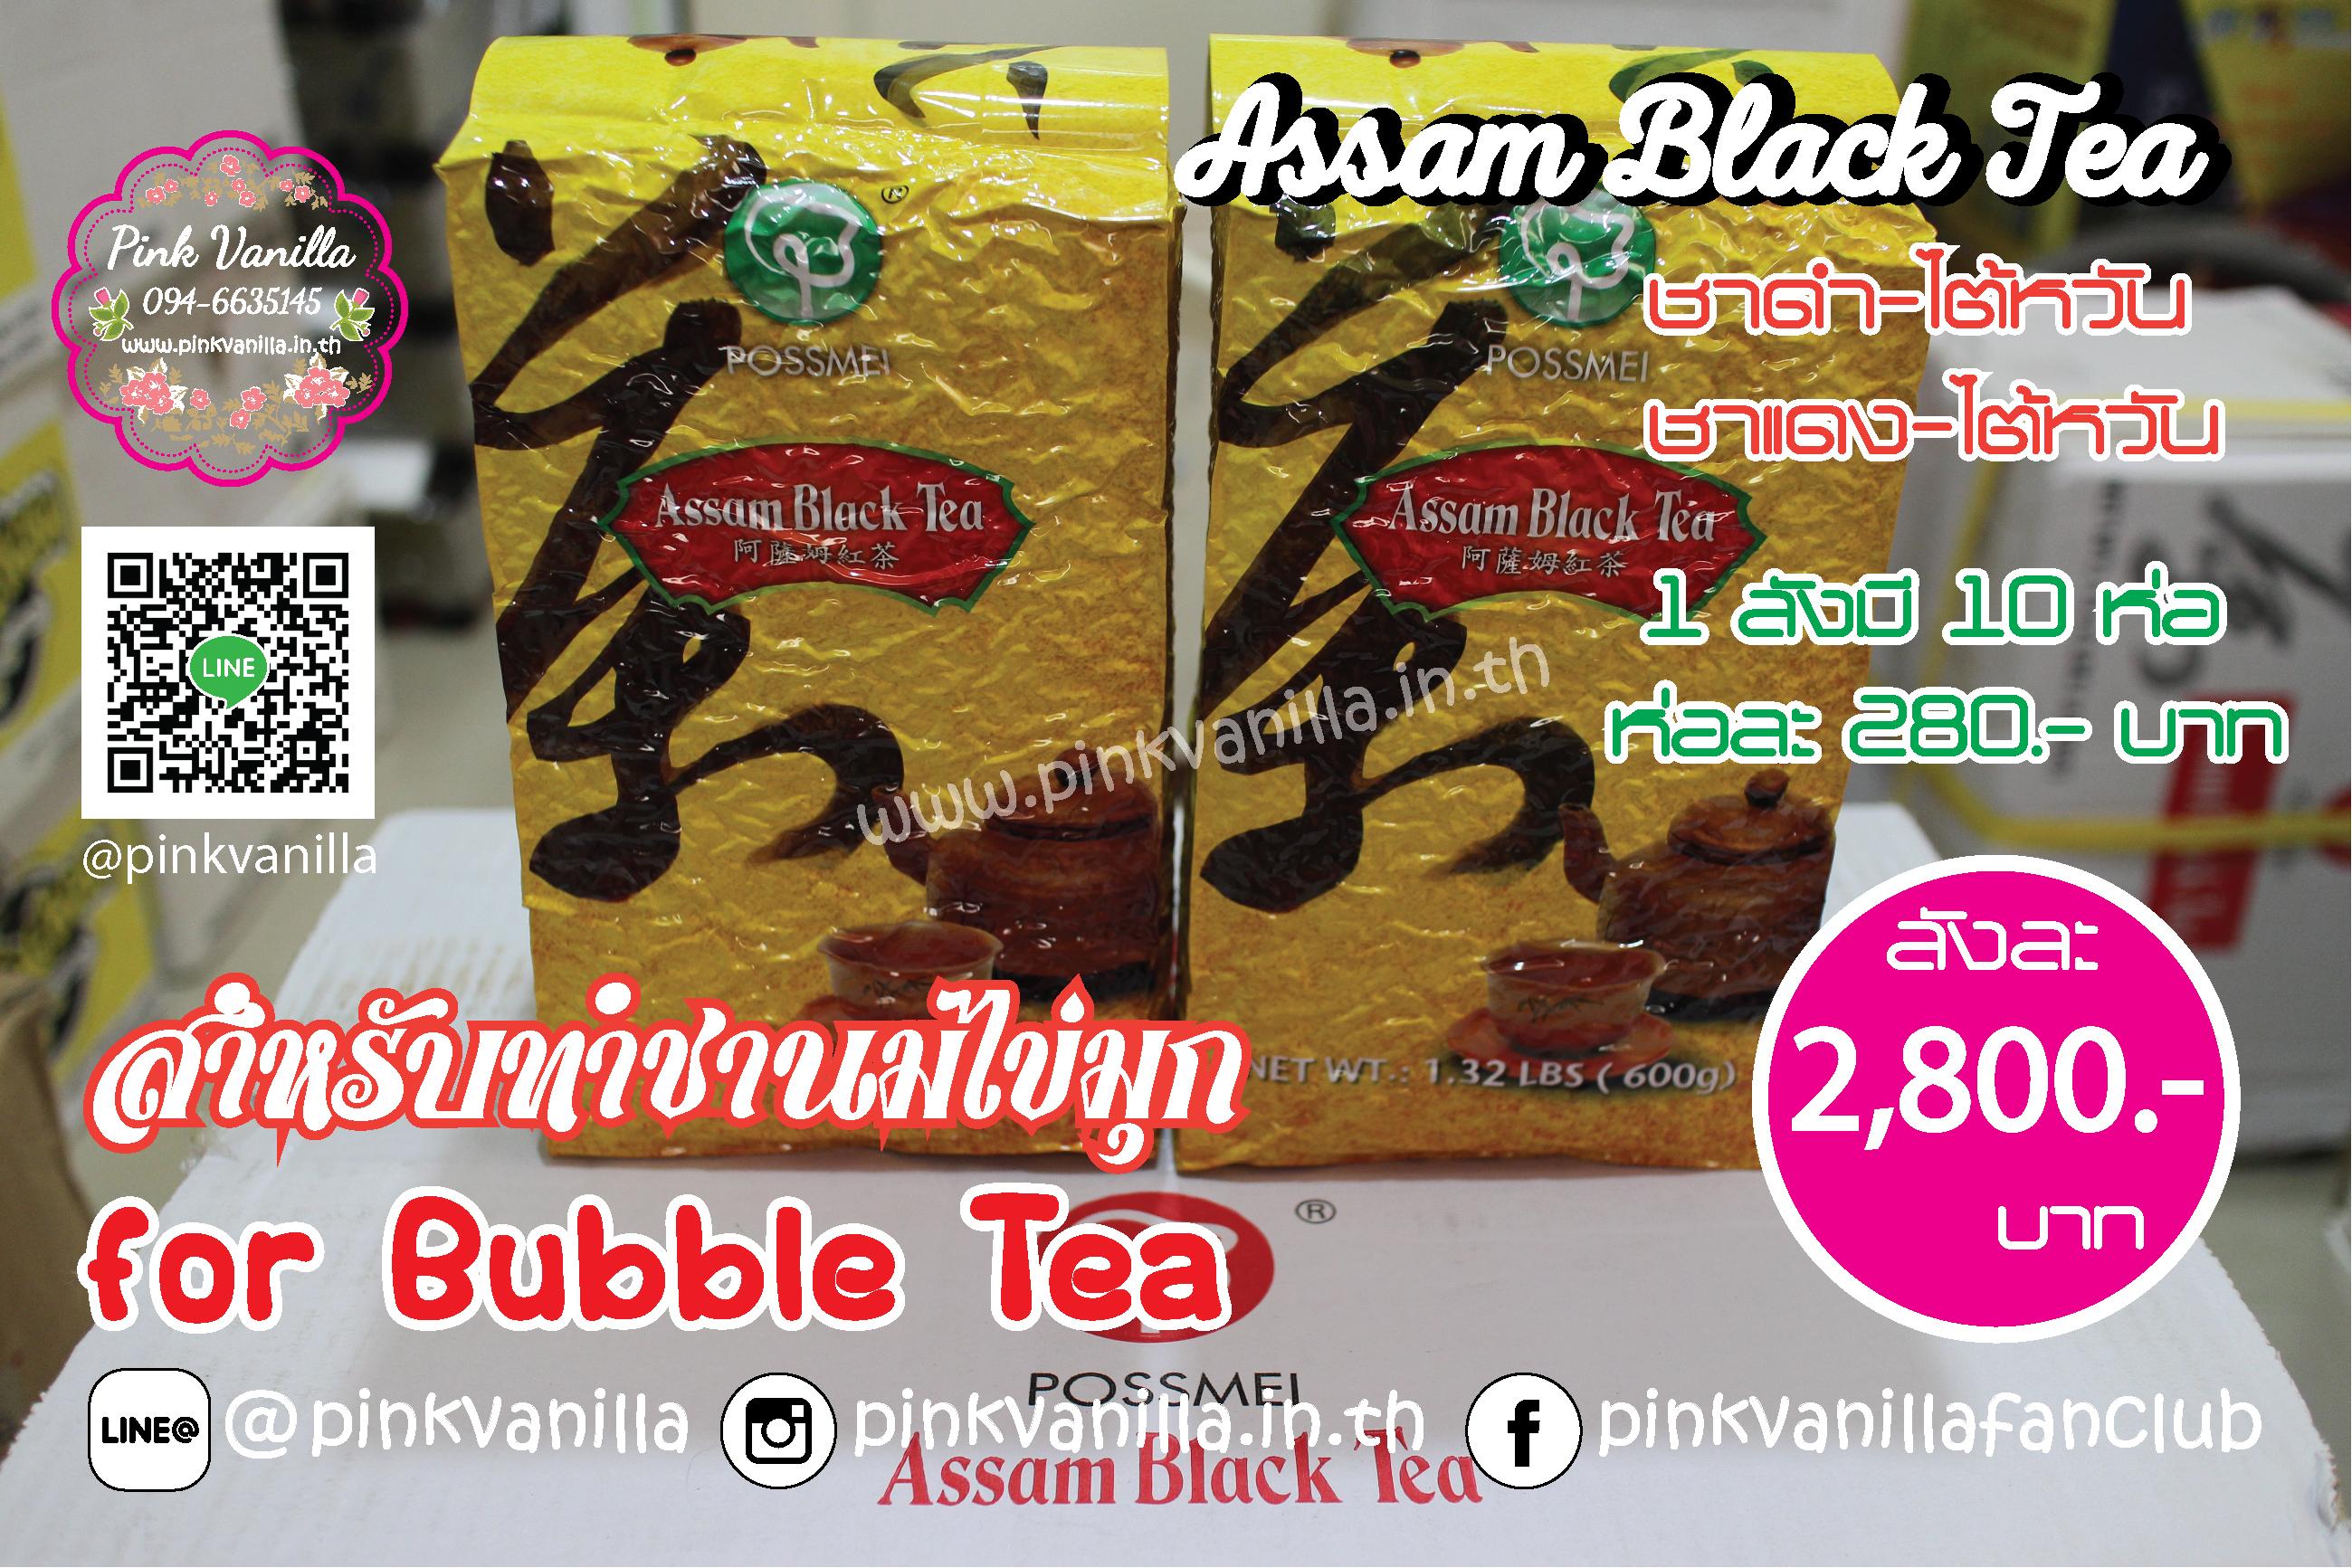 ชาดำ-ไต้หวัน / ชาแดง-ไต้หวัน : ชานม ชานมไต้หวัน ชานมไข่มุก Possmei โพสเม่ Milk Tea ชาโพสเม่ โพสเหมย Assam Black Tea